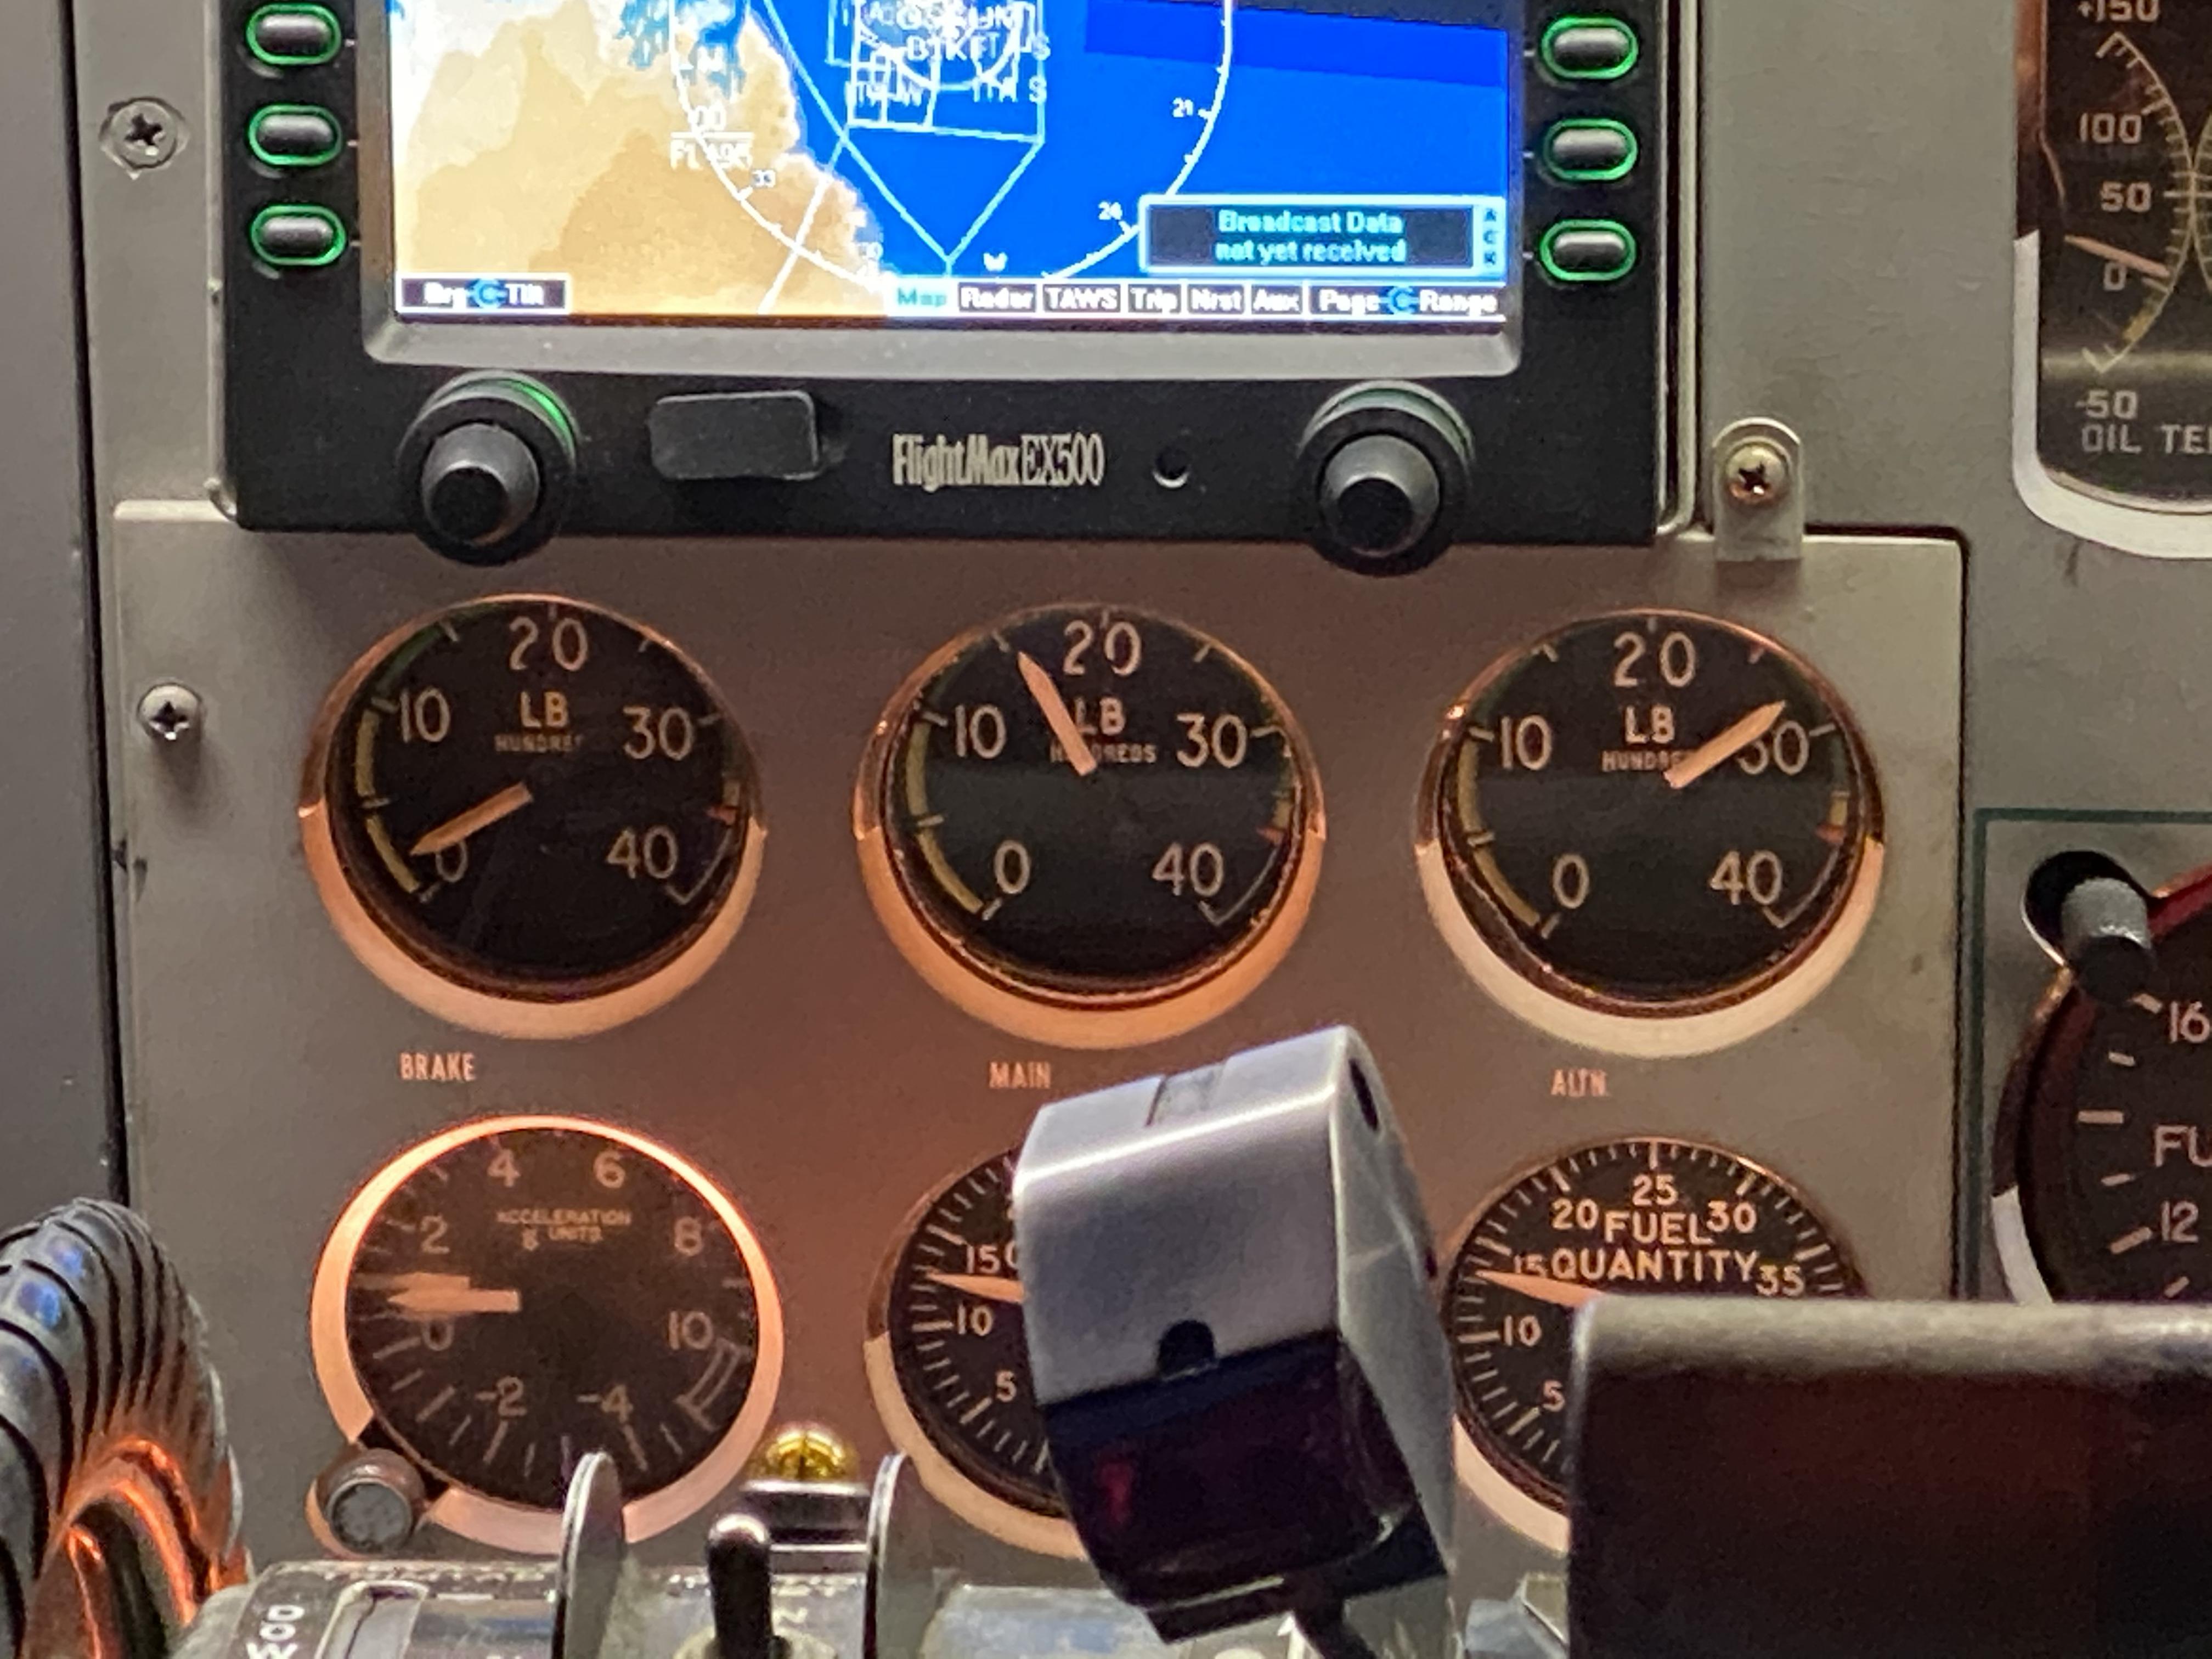 De F27 Excalibur - Van Reykjavik naar Lelystad - In de cockpit